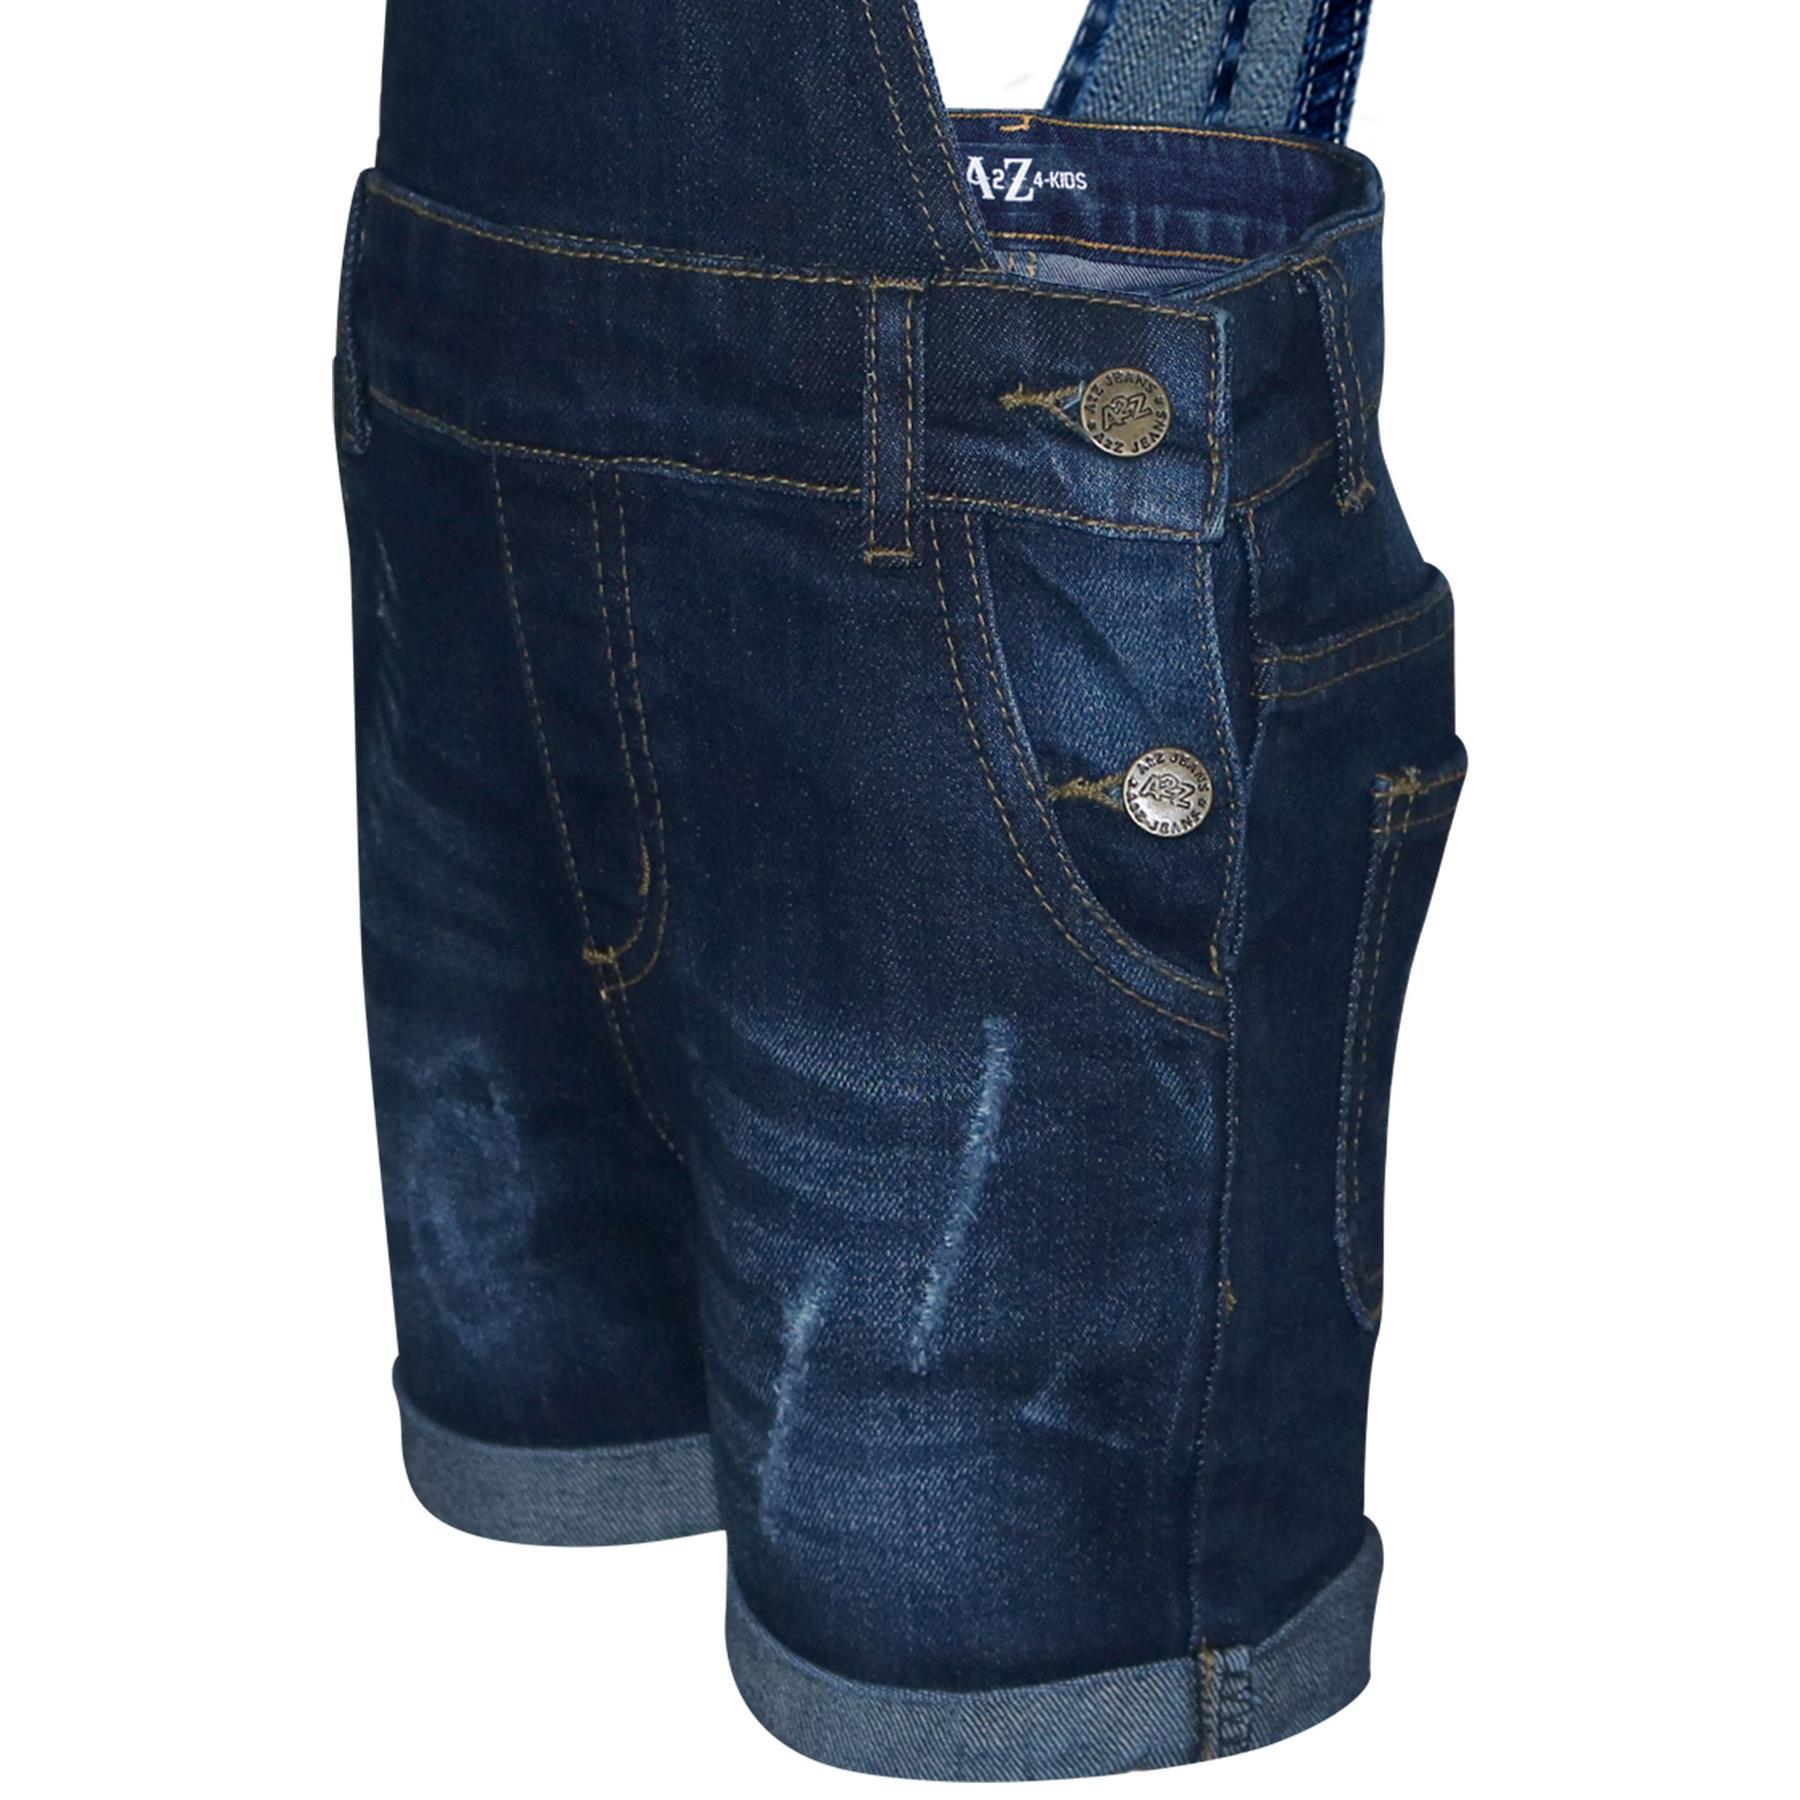 Indexbild 11 - Kinder Mädchen Latzhose Shorts Denim Gerippt Stretch Jeans Overall 5-13 Jahr